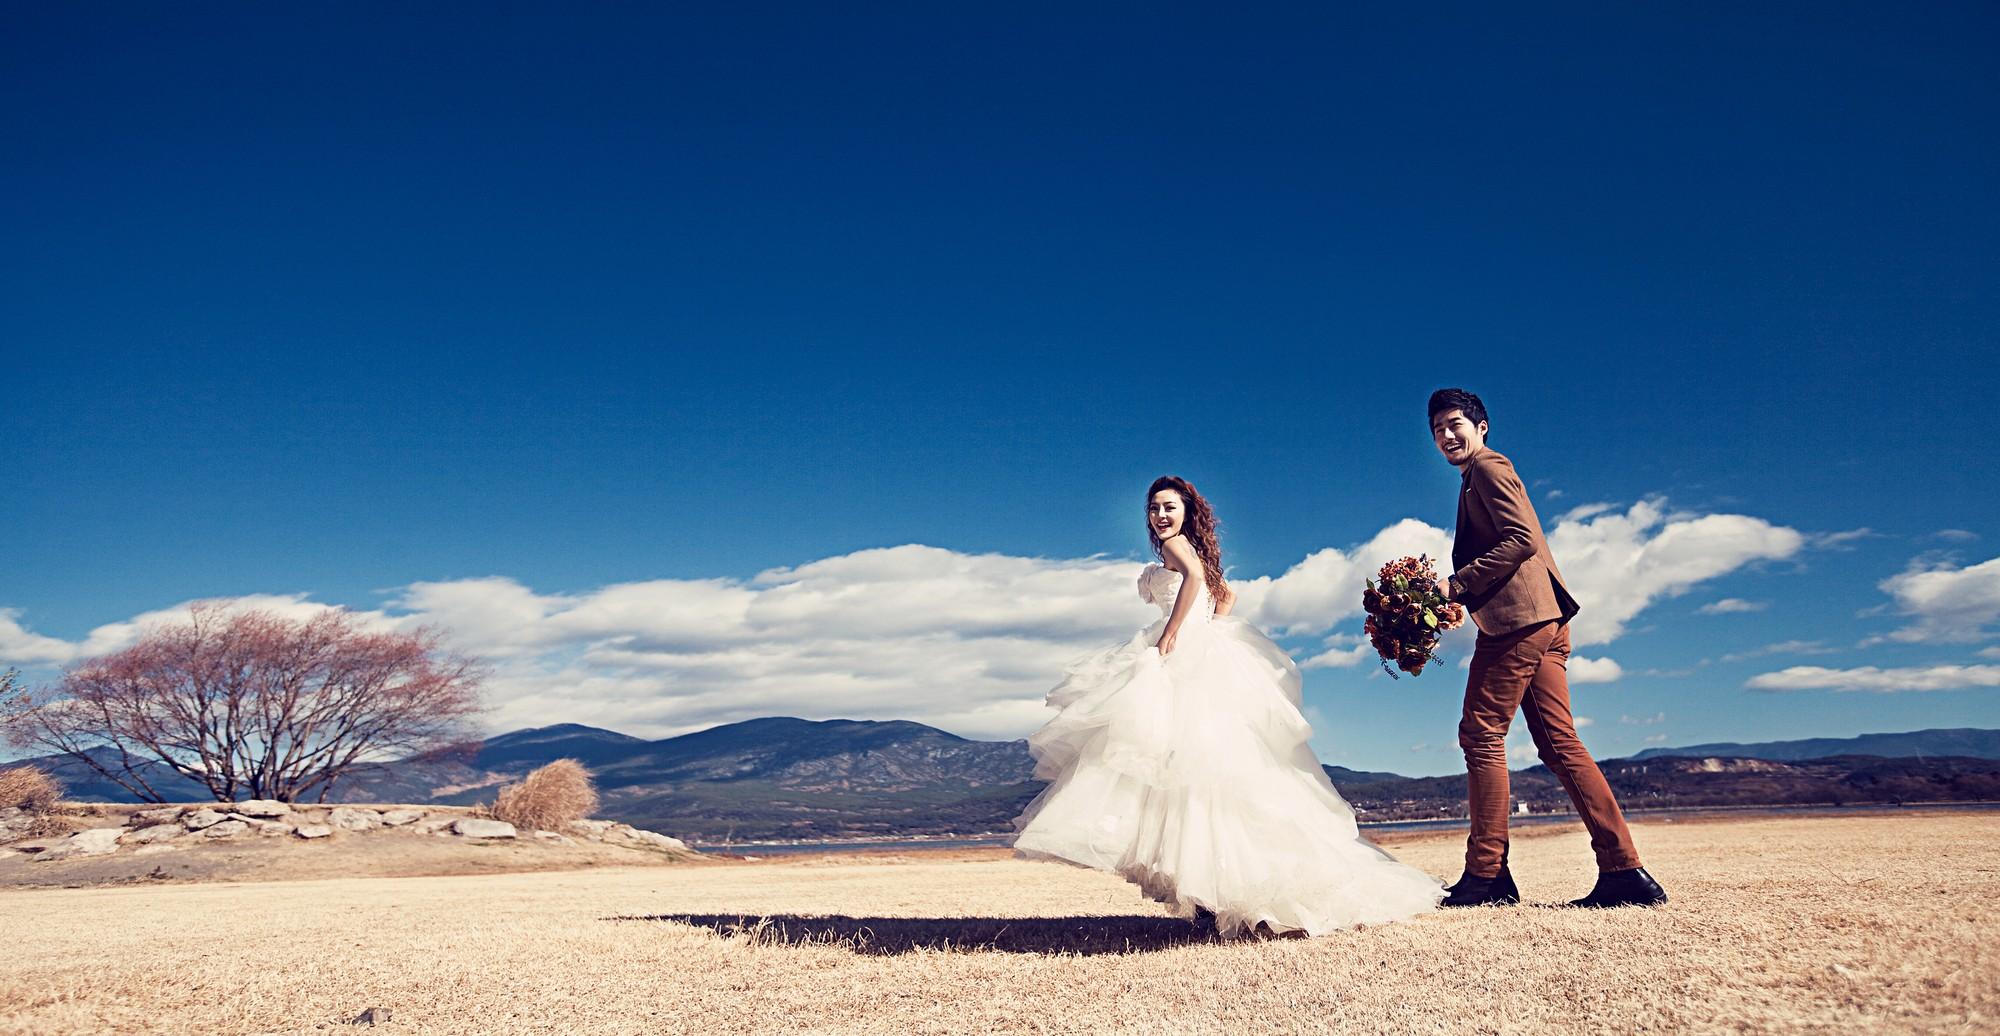 高雄婚攝Warick-婚攝推薦 | 婚禮攝影工作室